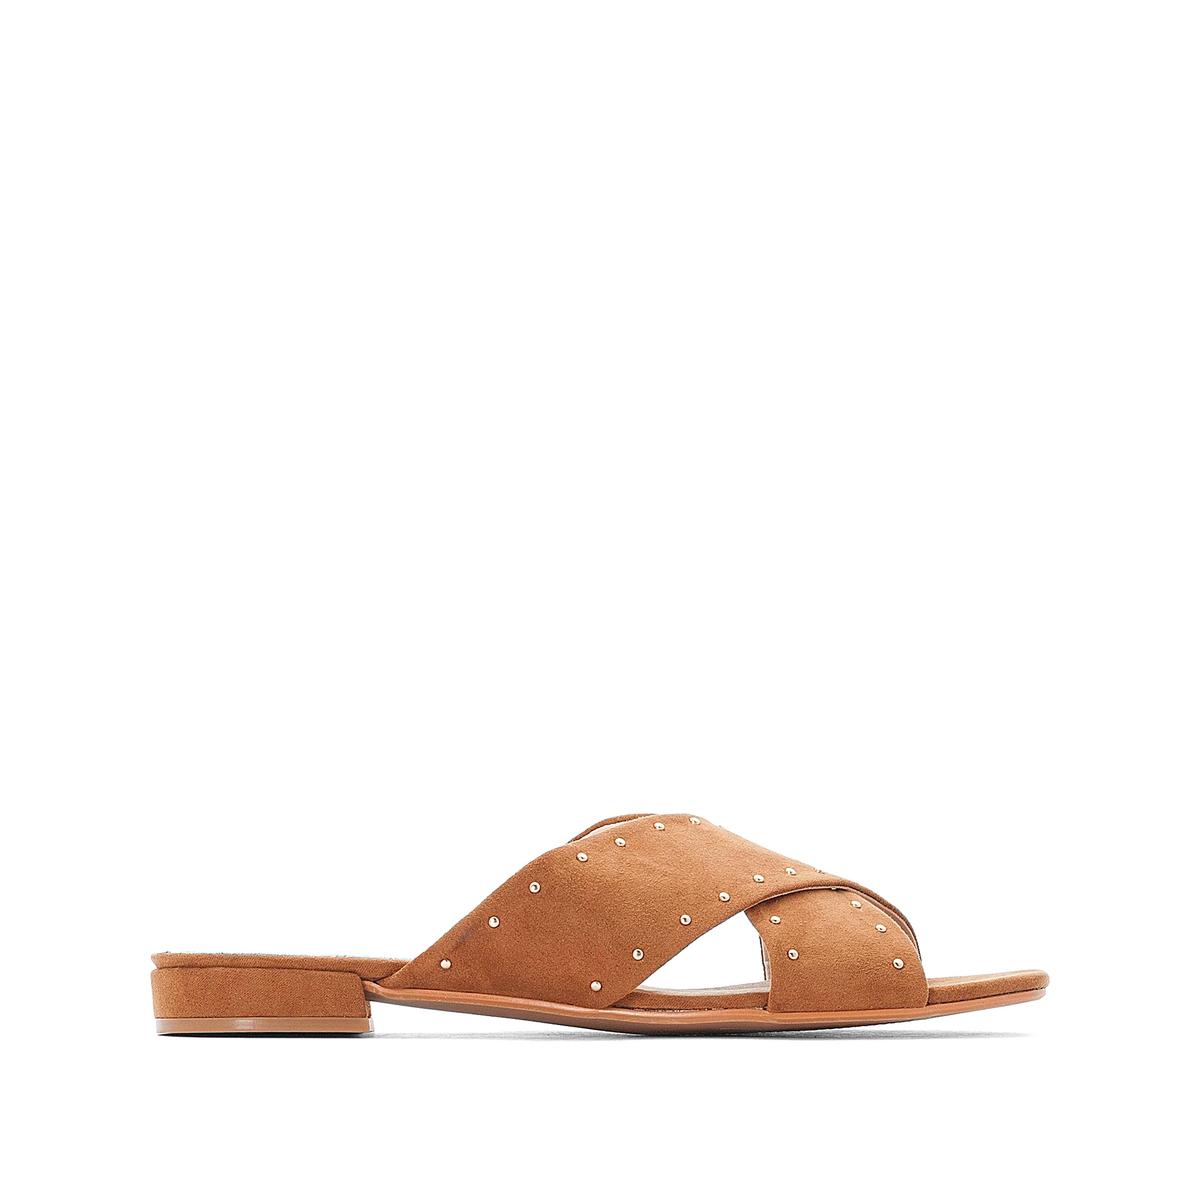 Туфли La Redoute Без задника с заклепками из синтетического материала на плоском каблуке 41 каштановый туфли la redoute на среднем каблуке с питоновым принтом 36 каштановый